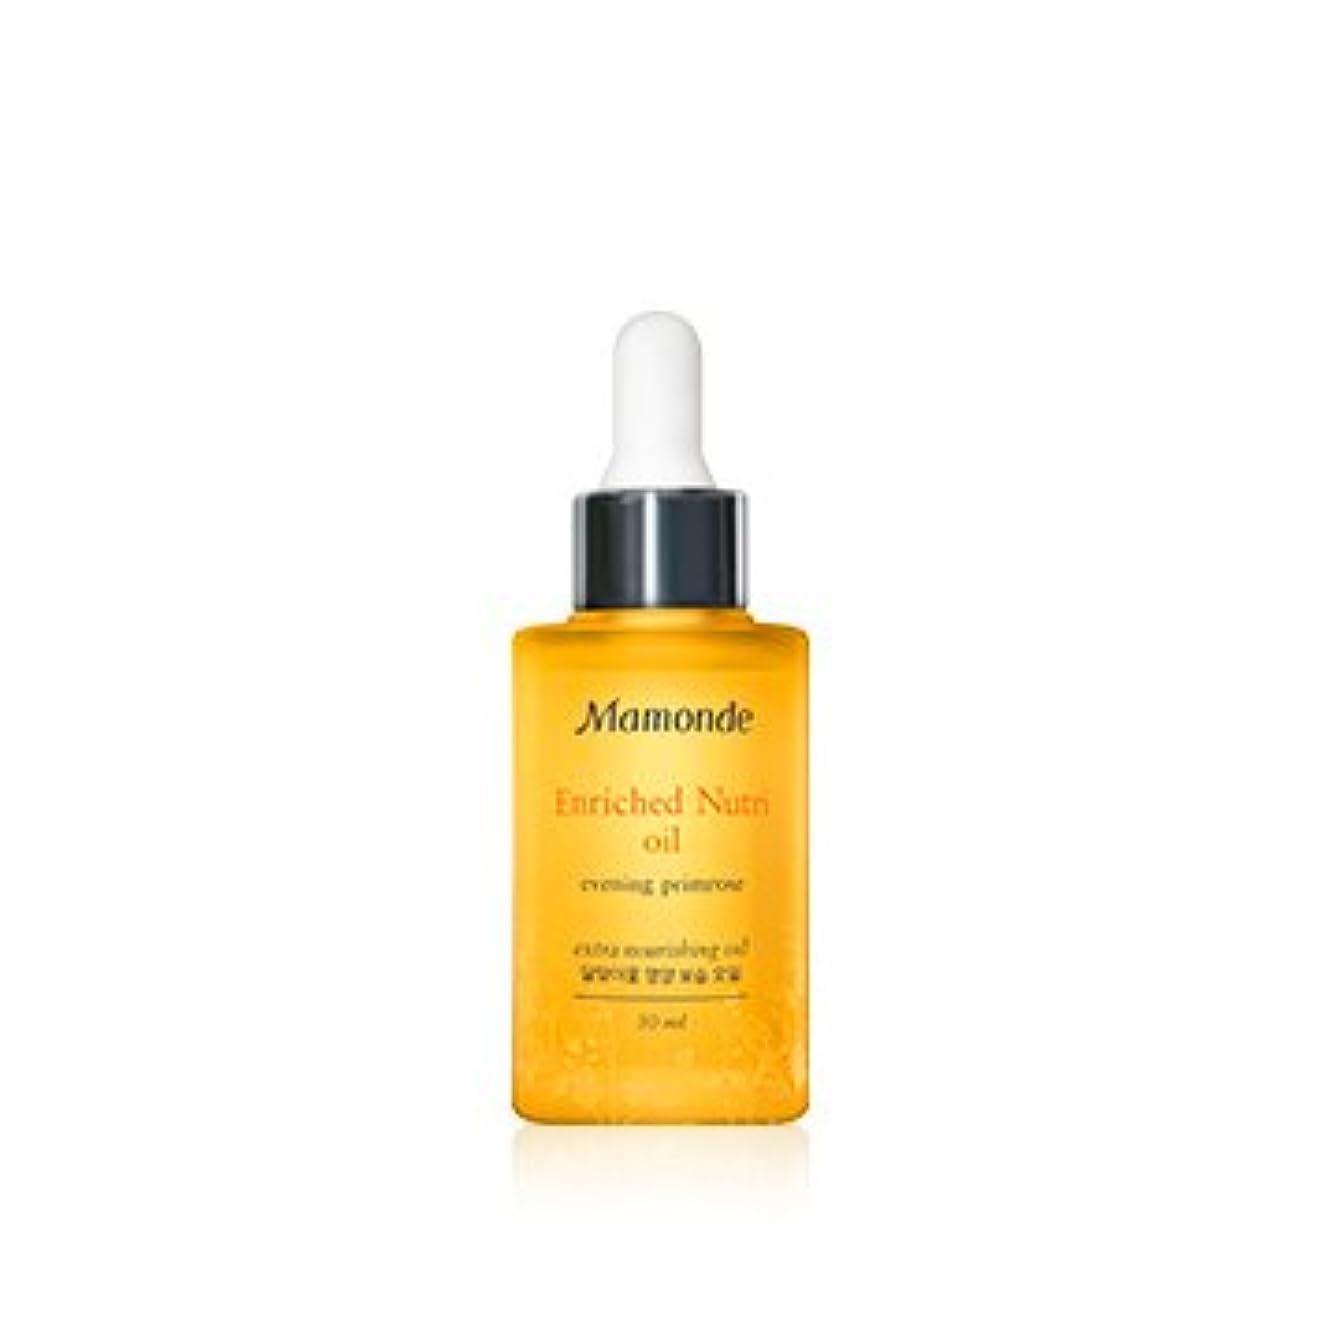 クラッシュ不規則性リブ[New] Mamonde Enriched Nutri Oil 30ml/マモンド エンリッチド ニュートリ オイル 30ml [並行輸入品]